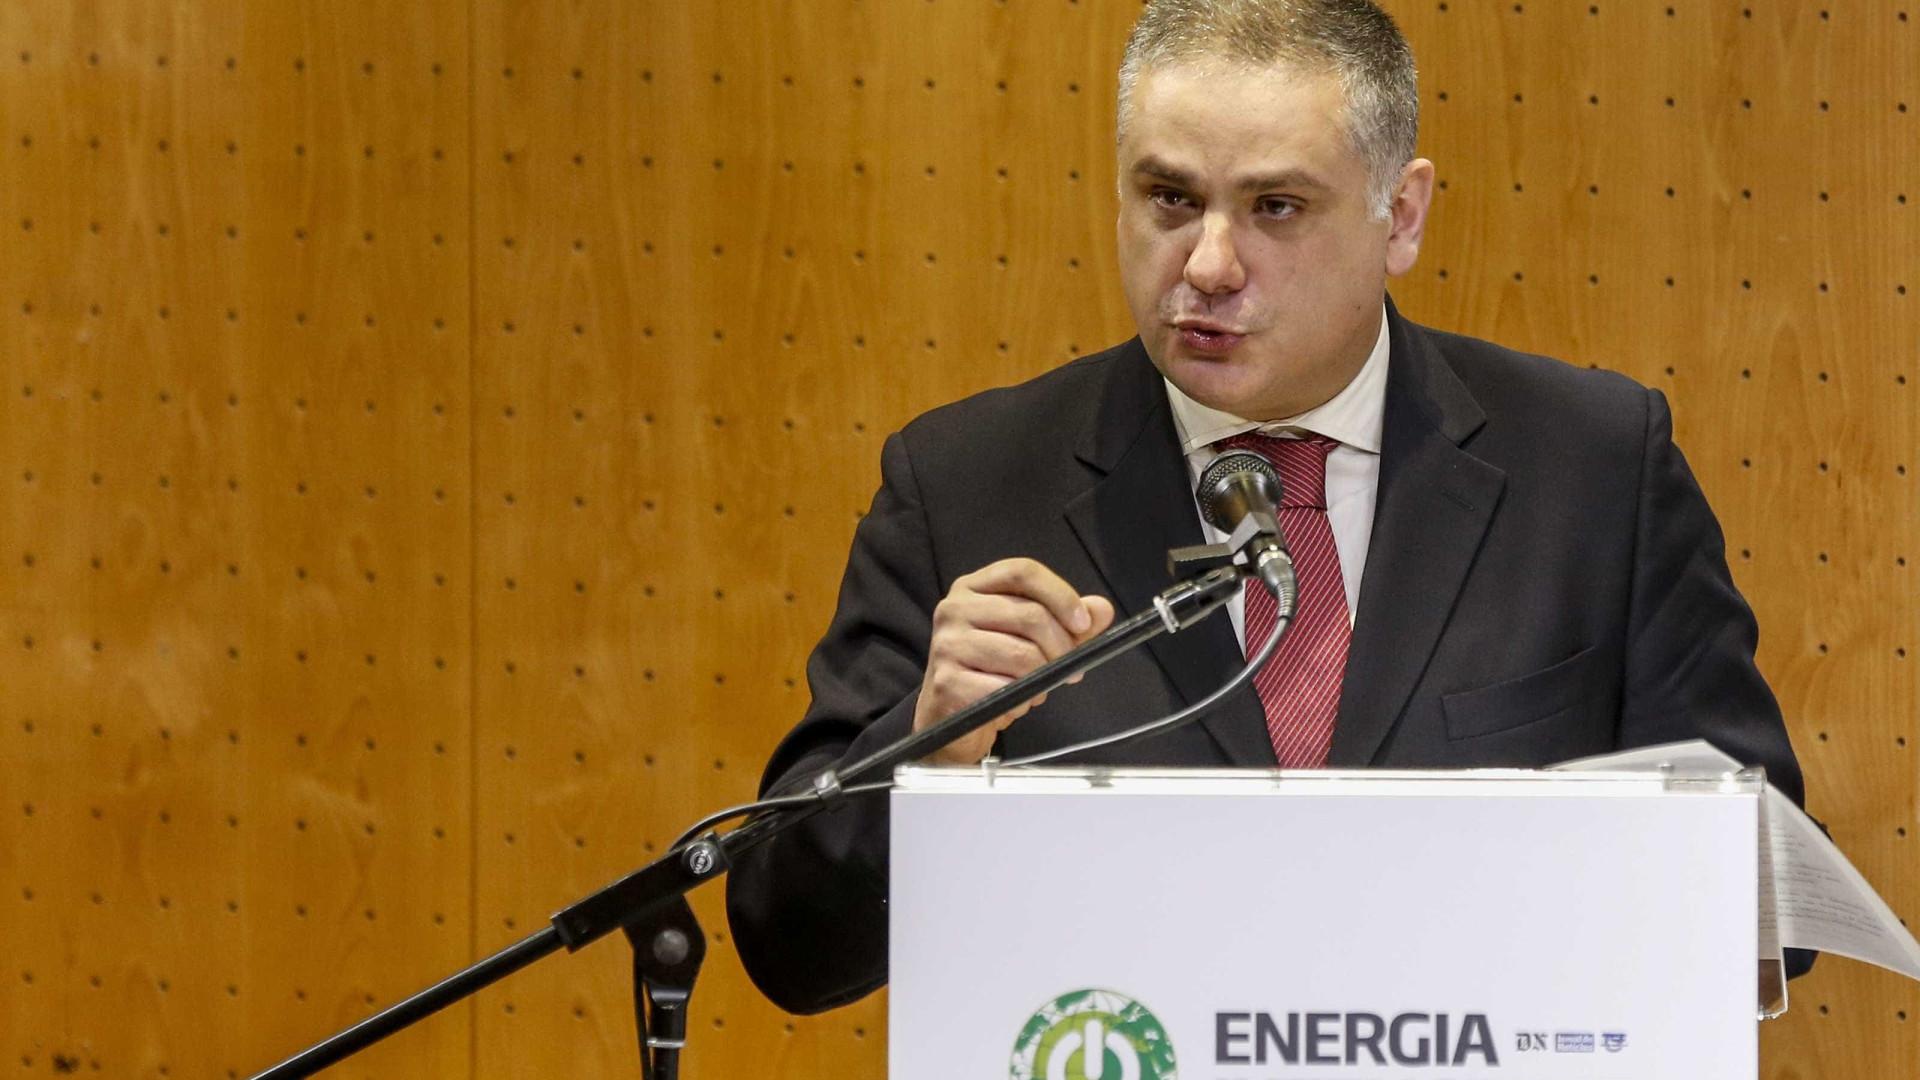 Governo avalia possibilidade de produção de lítio em Portugal